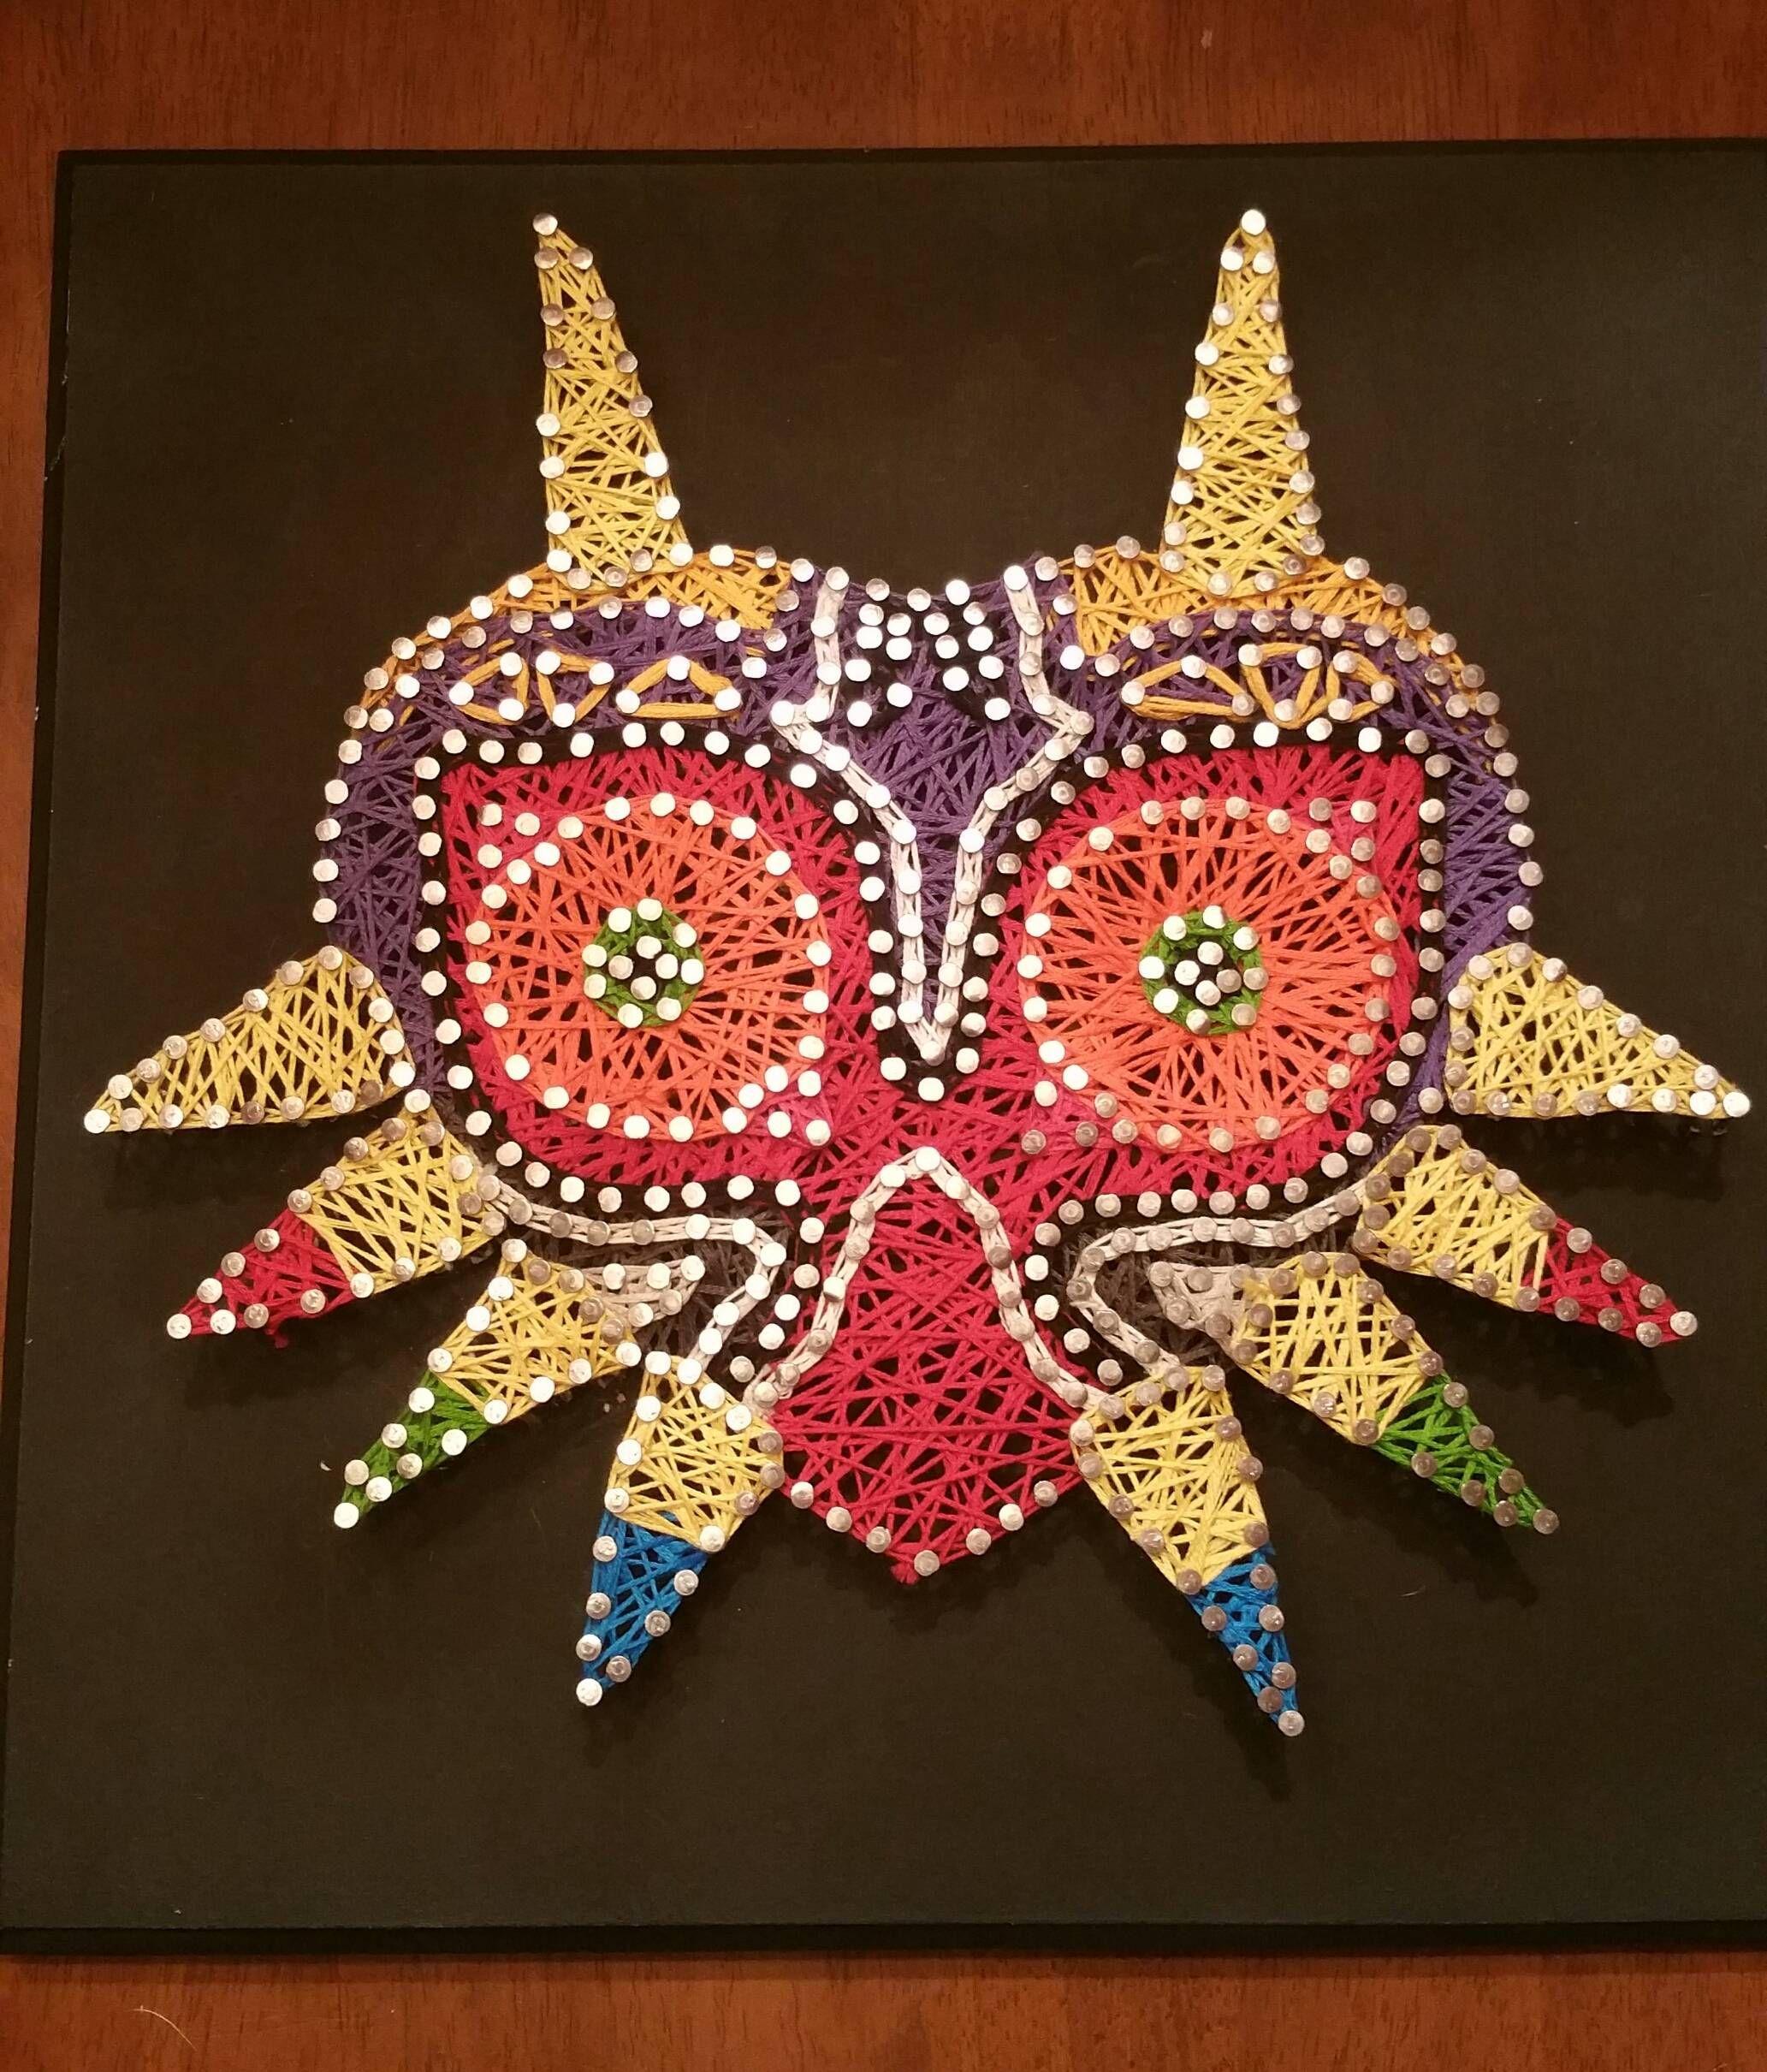 Majora's Mask String Art | Craft Tutorials | Pinterest | String ...